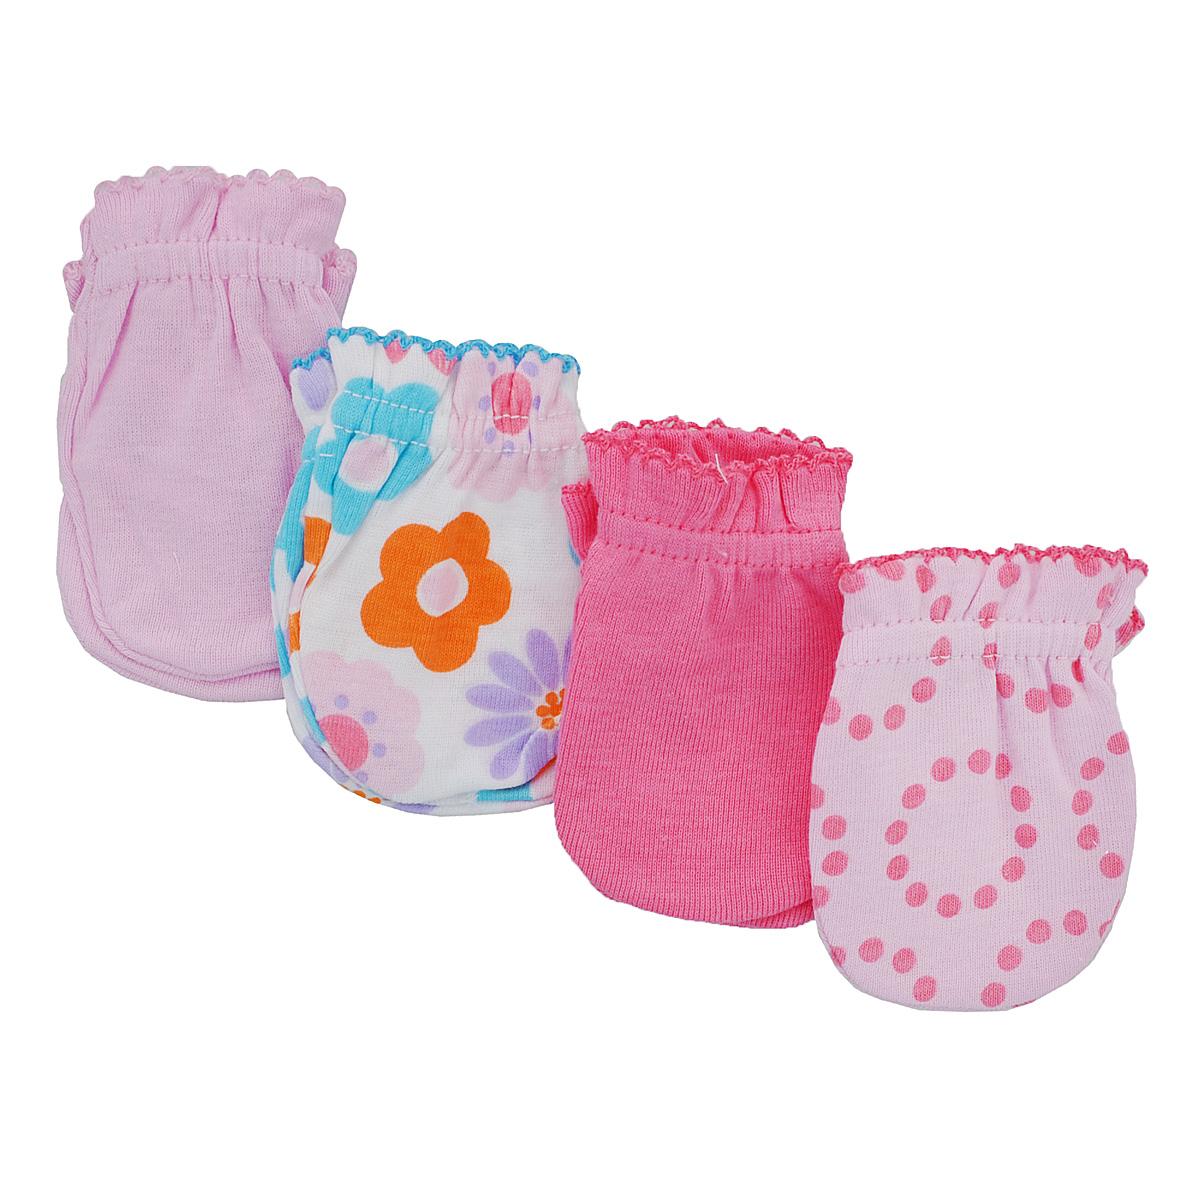 Варежки детские34711Рукавички для новорожденного Luvable Friends, изготовленные из натурального хлопка, идеально подойдут вашему малышу и обеспечат ему комфорт во время сна и бодрствования, предохраняя нежную кожу новорожденного от расцарапывания. В комплект входят четыре пары рукавичек.